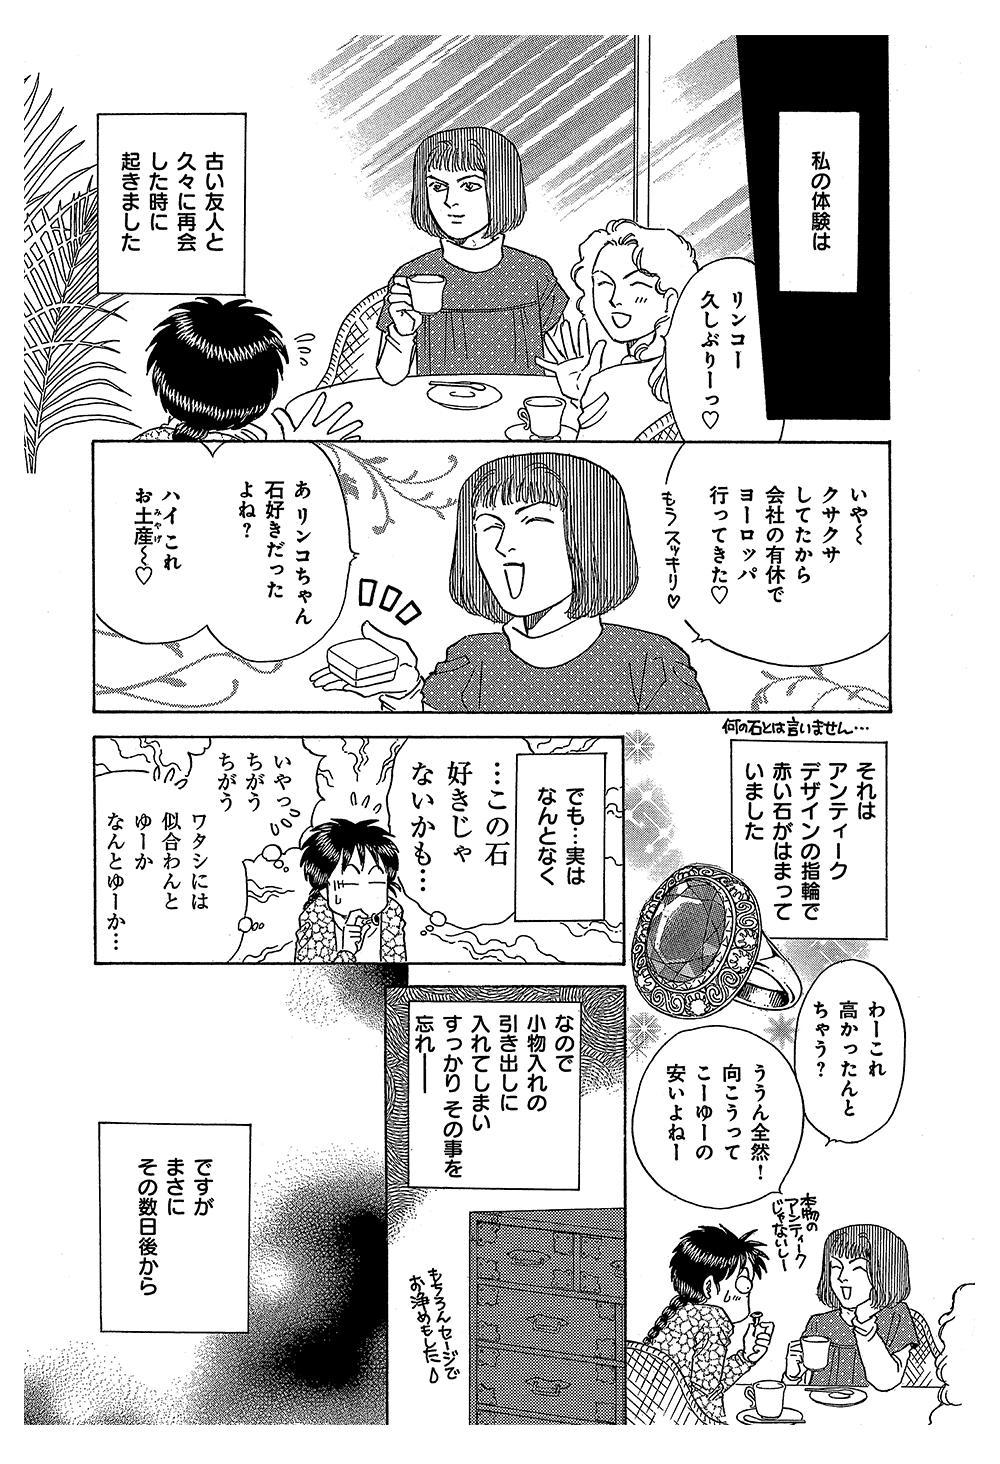 オカルト万華鏡 第1話 ①oka07.jpg